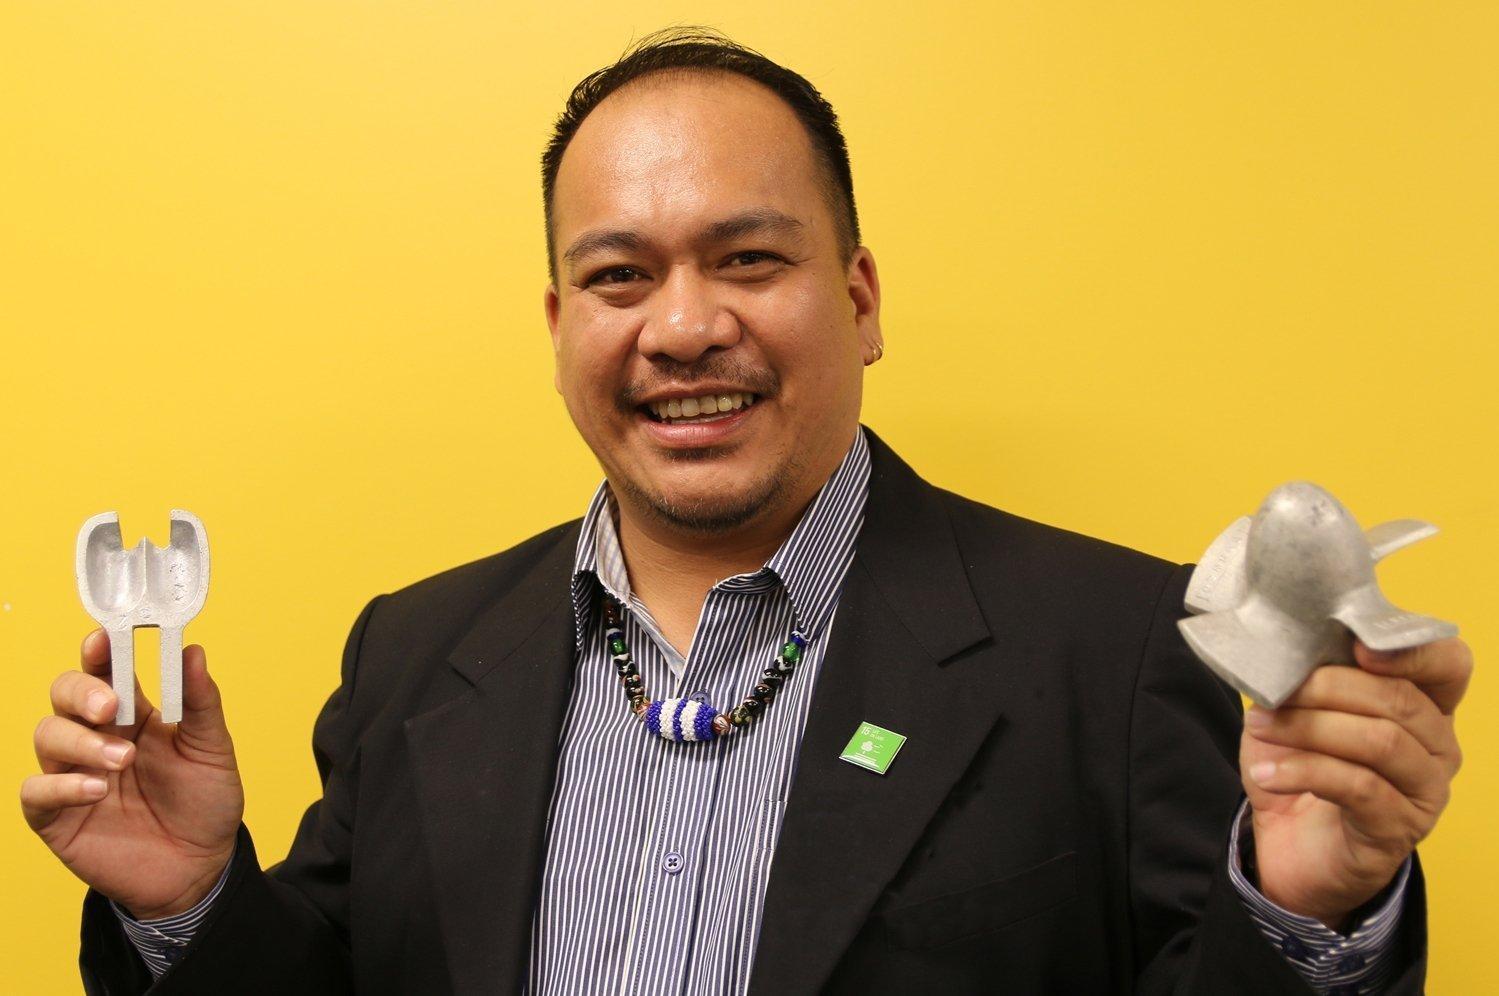 Ein Mann im Blazer mit gestreiftem Hemd hält Metallteile in der Hand und lächelt in die Kamera. –  Der Tonibung-Chef Adrian Lasimbang mit zwei selbst aus alten Aluminum-Dosen gegossenen Teilen von Wasserturbinen.